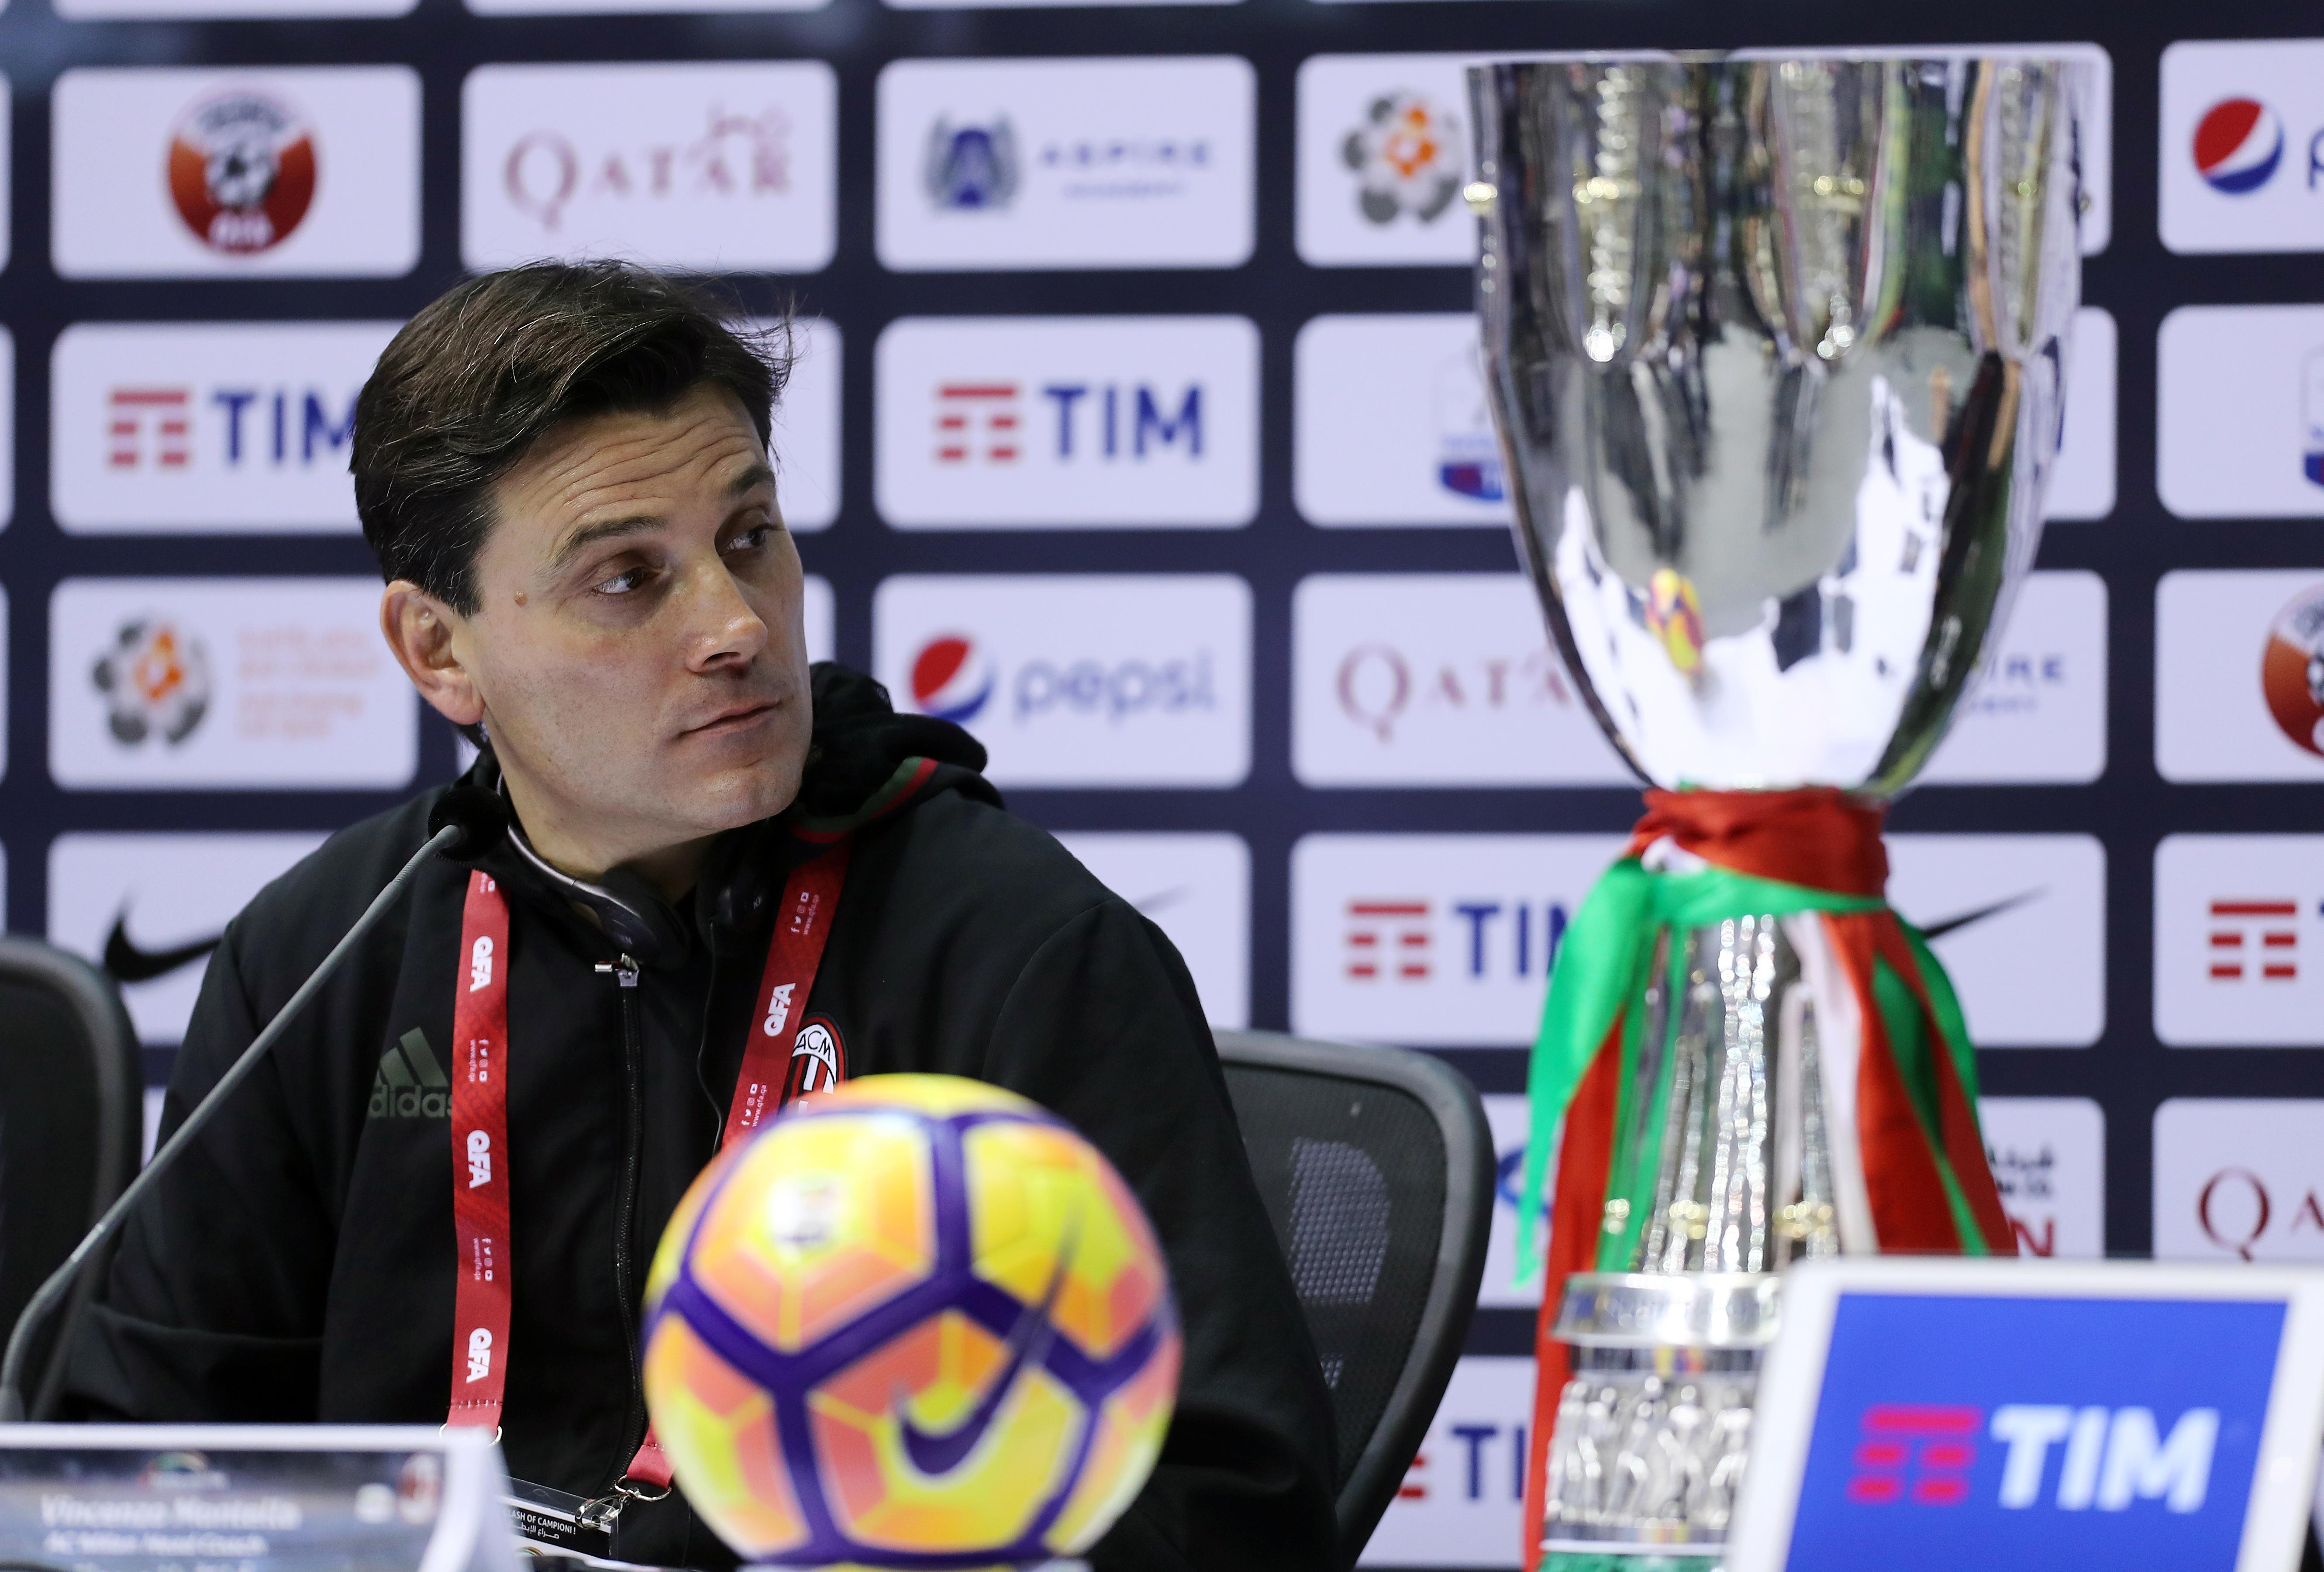 [Serie A] C'était long, mais le Milan AC est de retour aux affaires